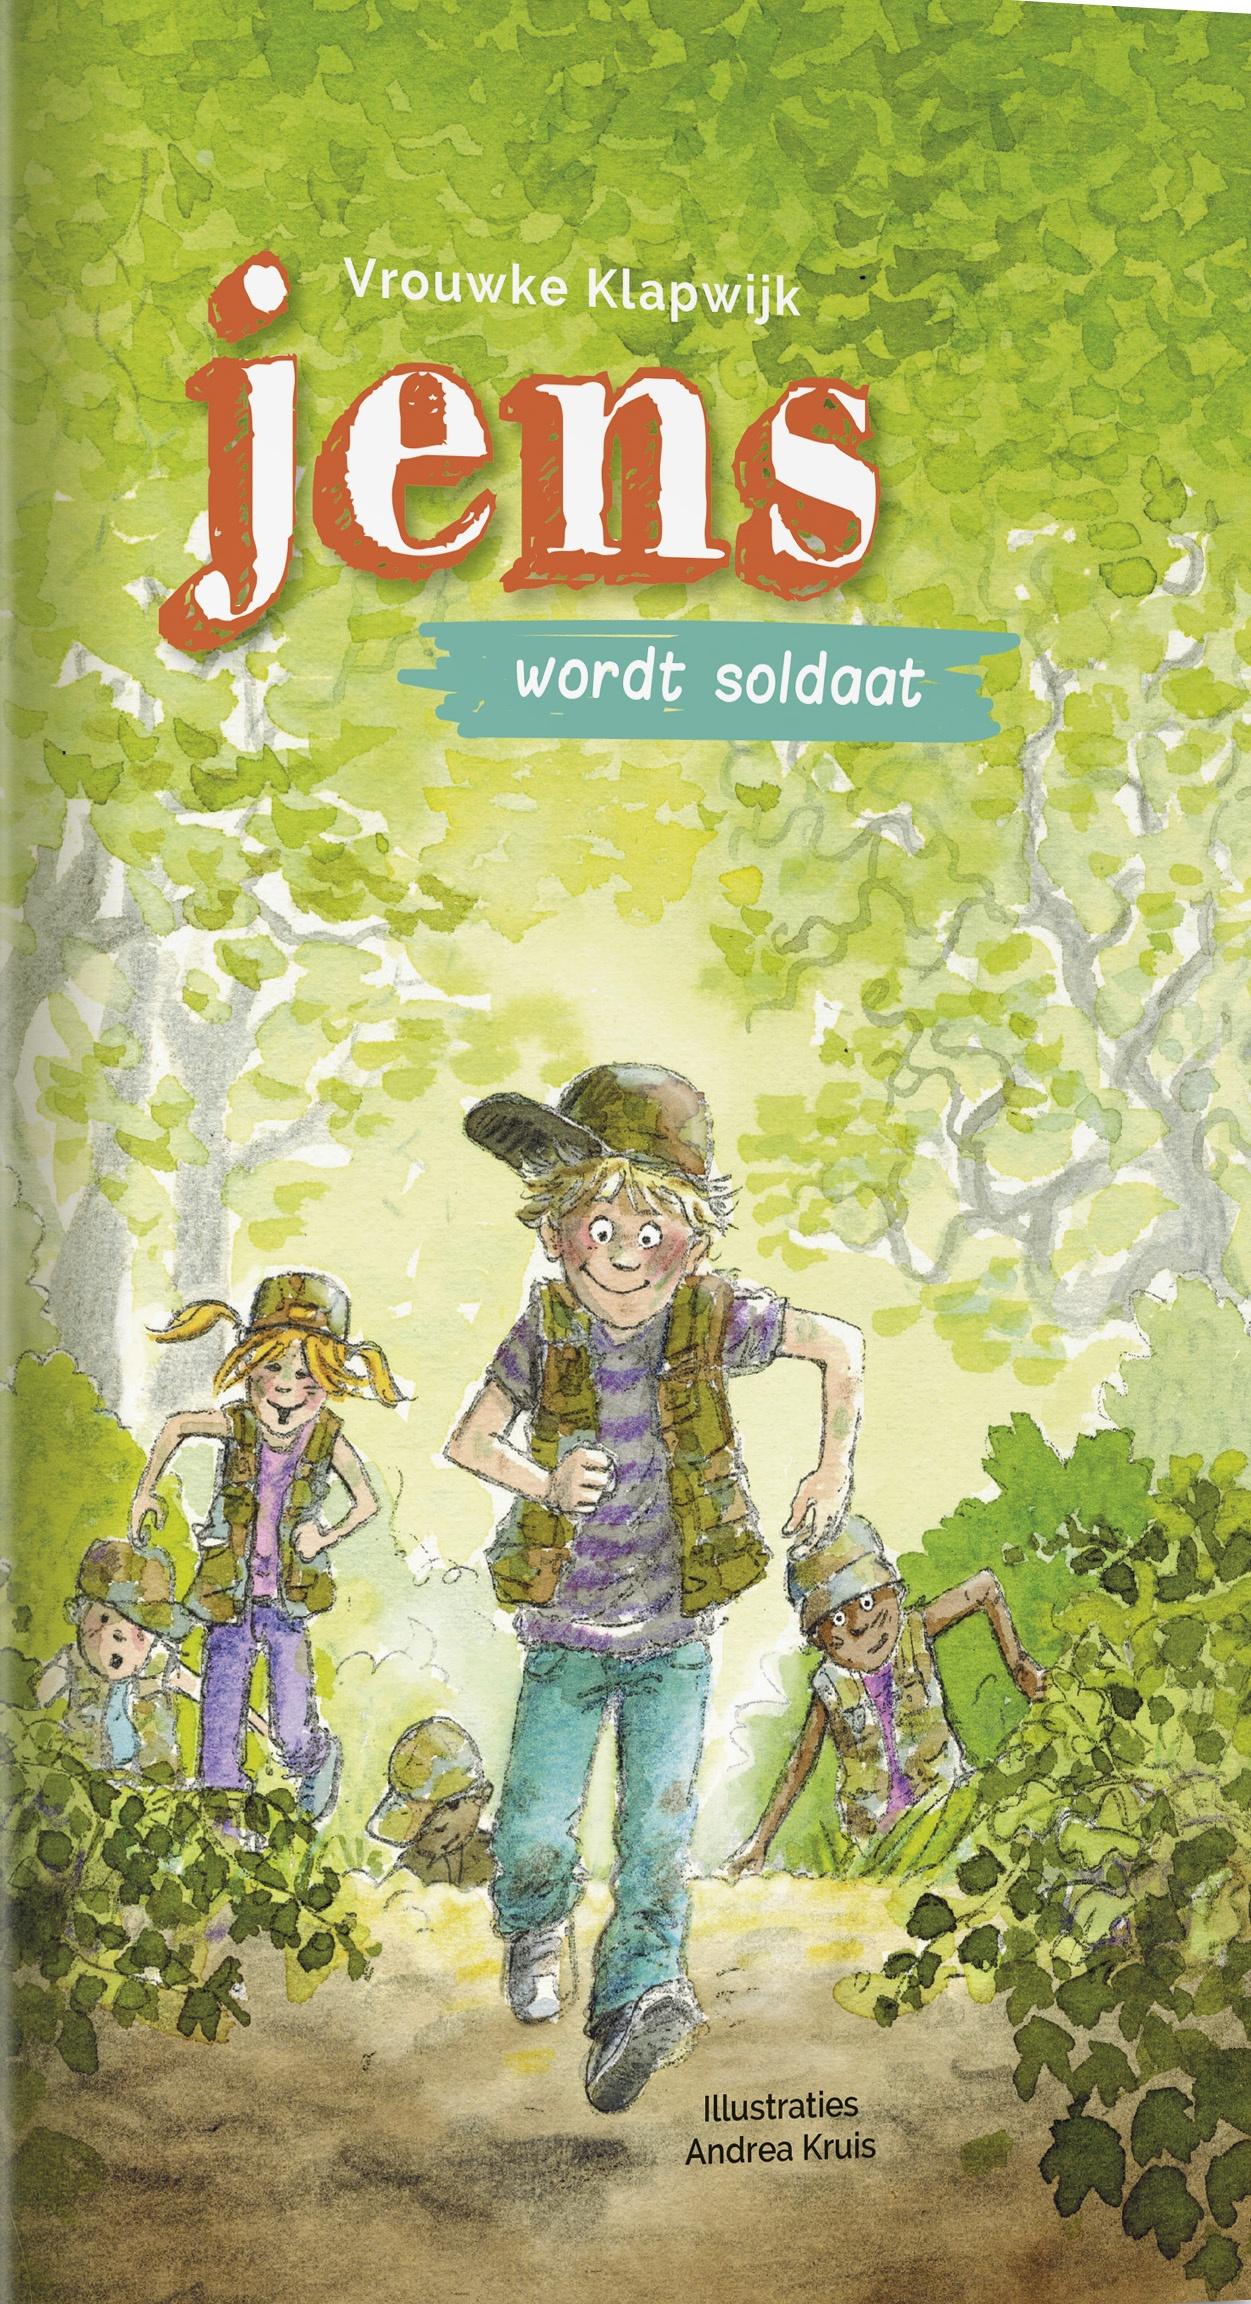 Review: Jens wordt soldaat